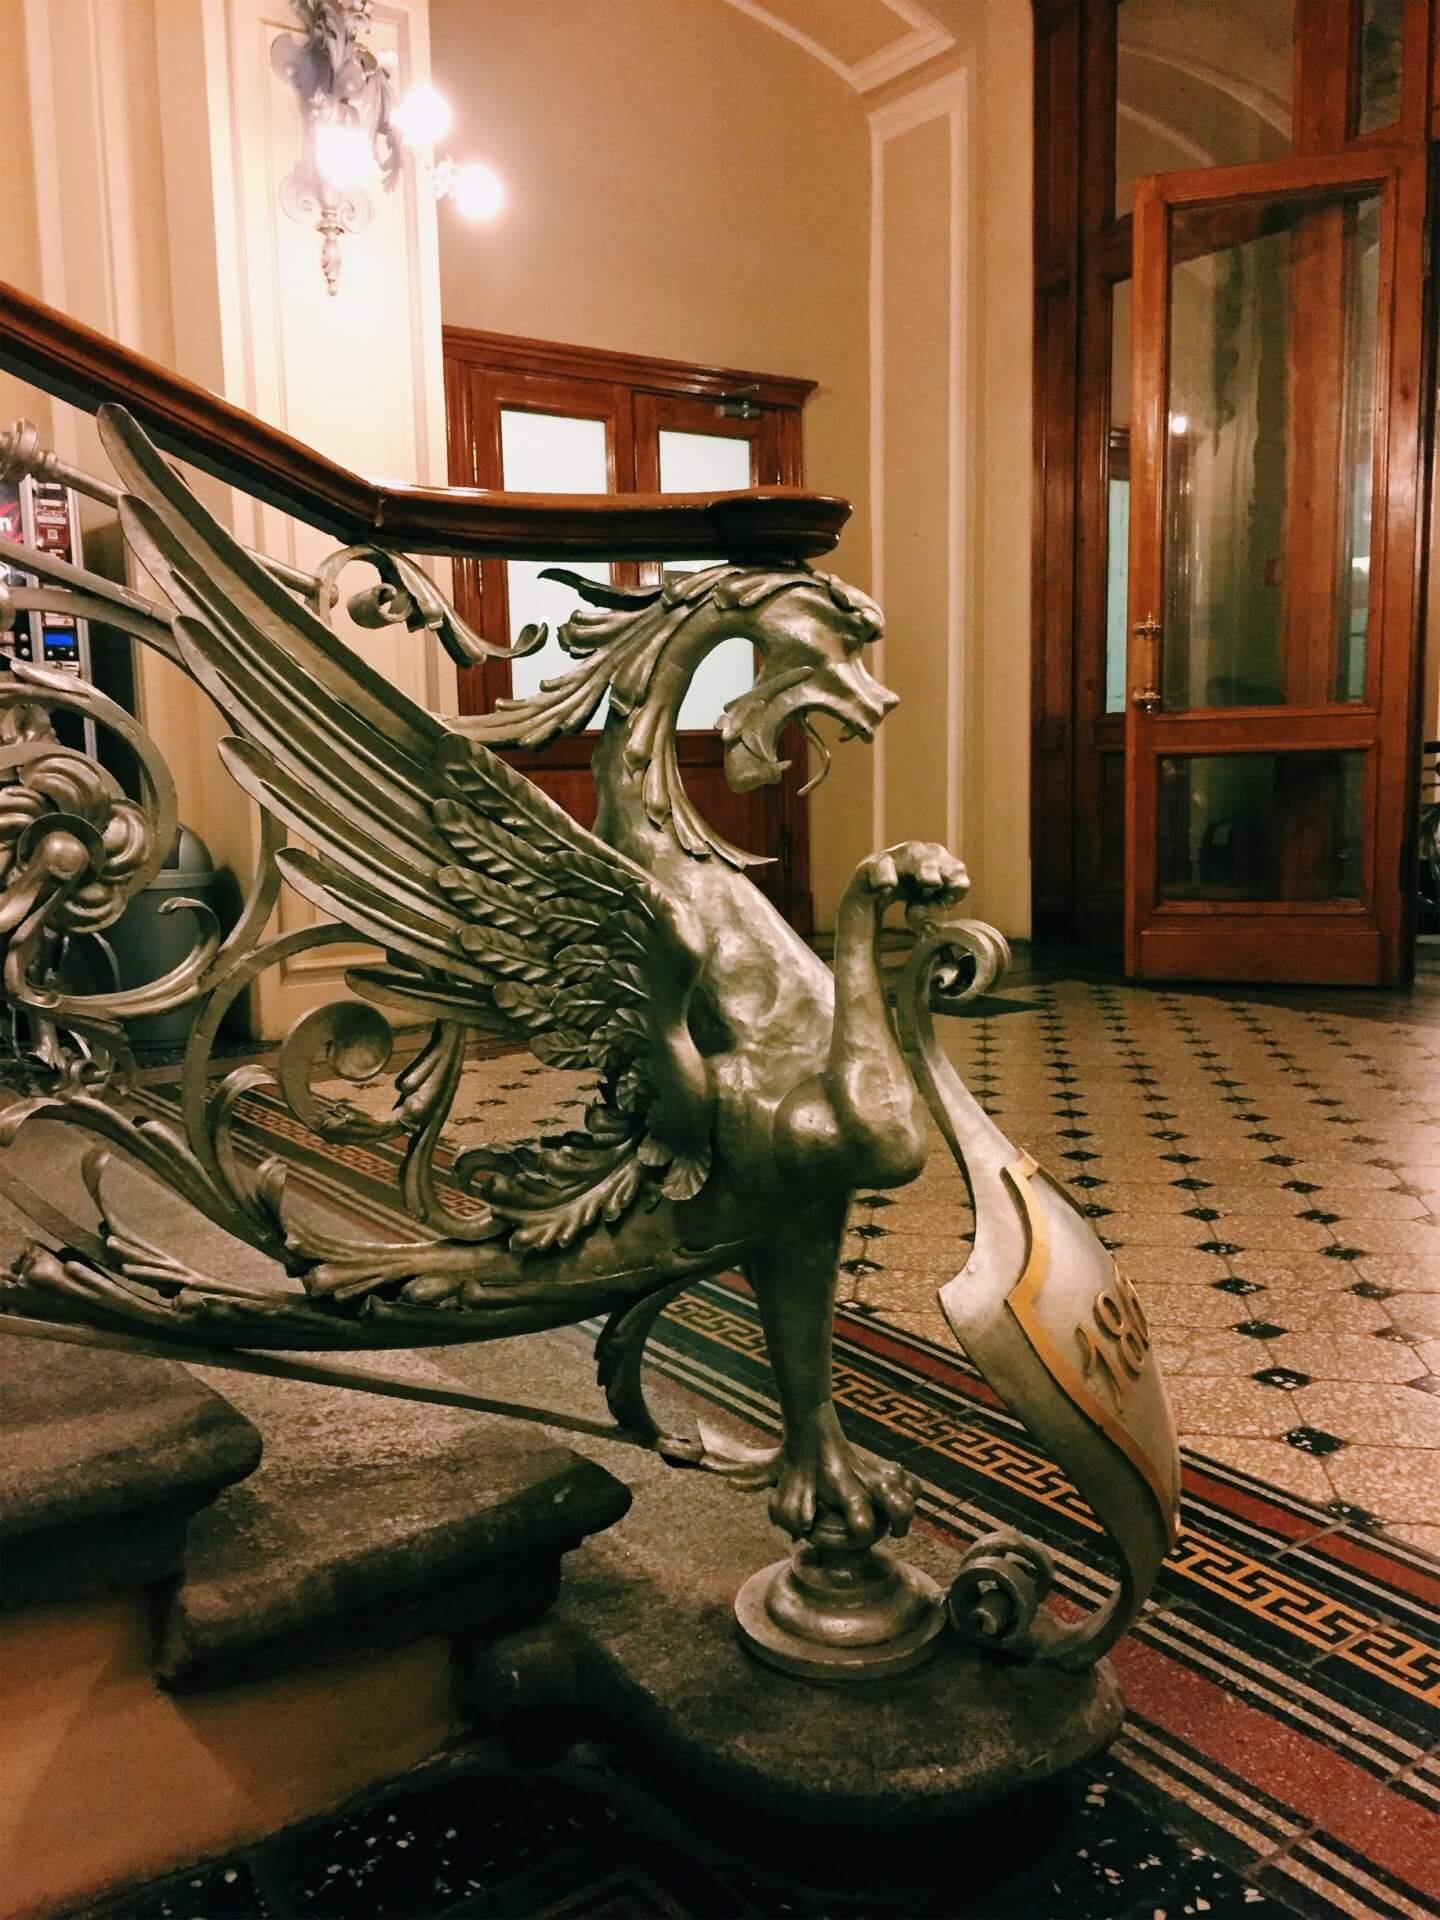 Дракон-хранитель сокровищ украшает главную лестницу